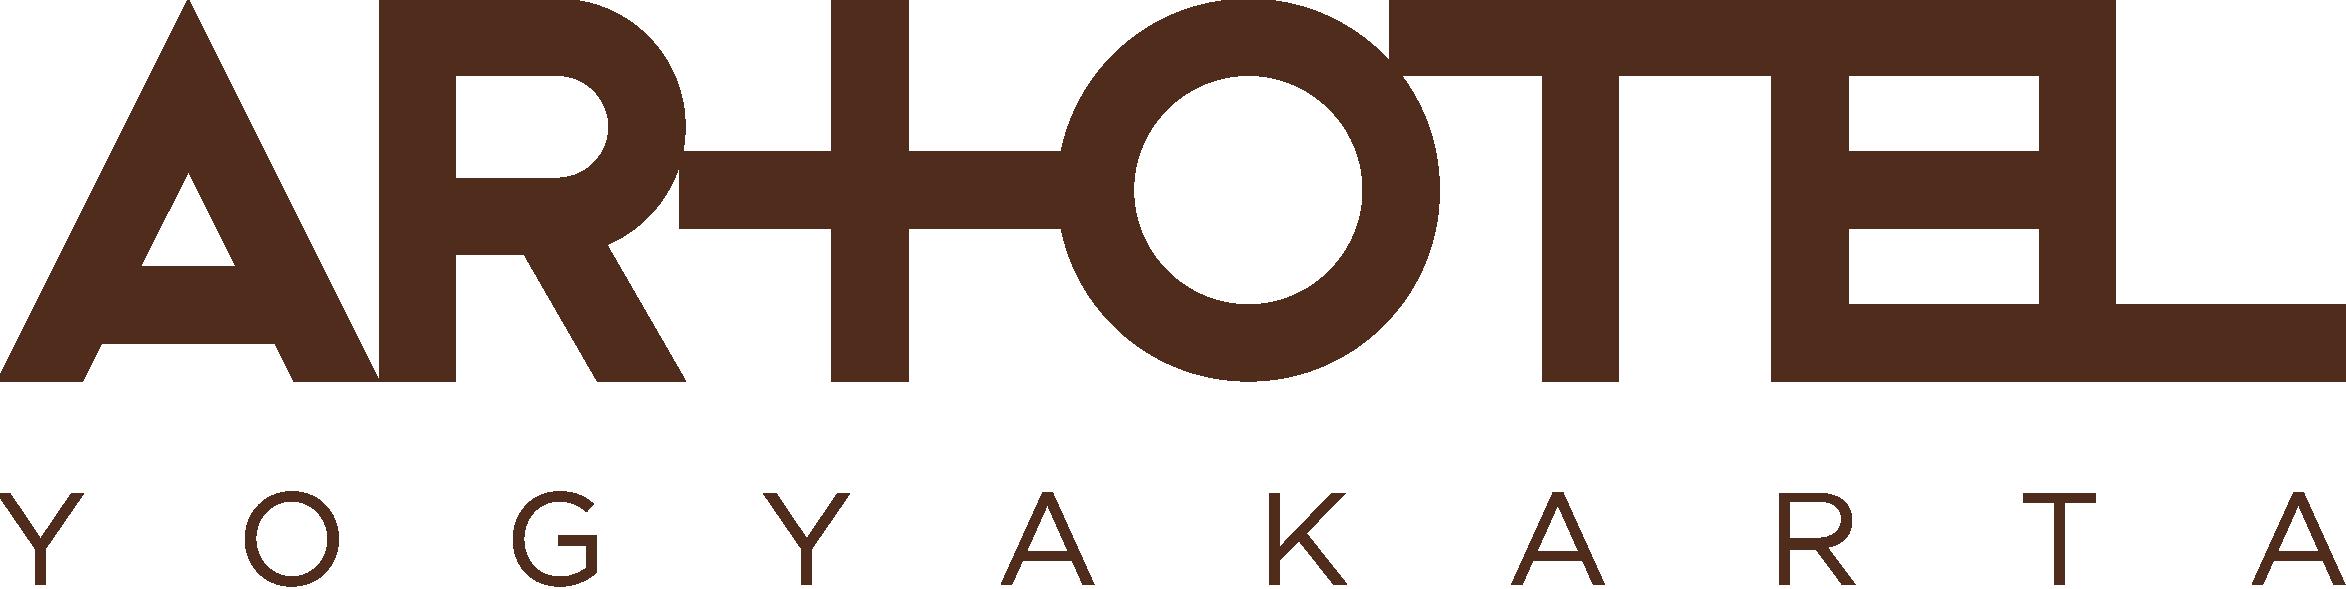 logo-artotel-yogyakarta